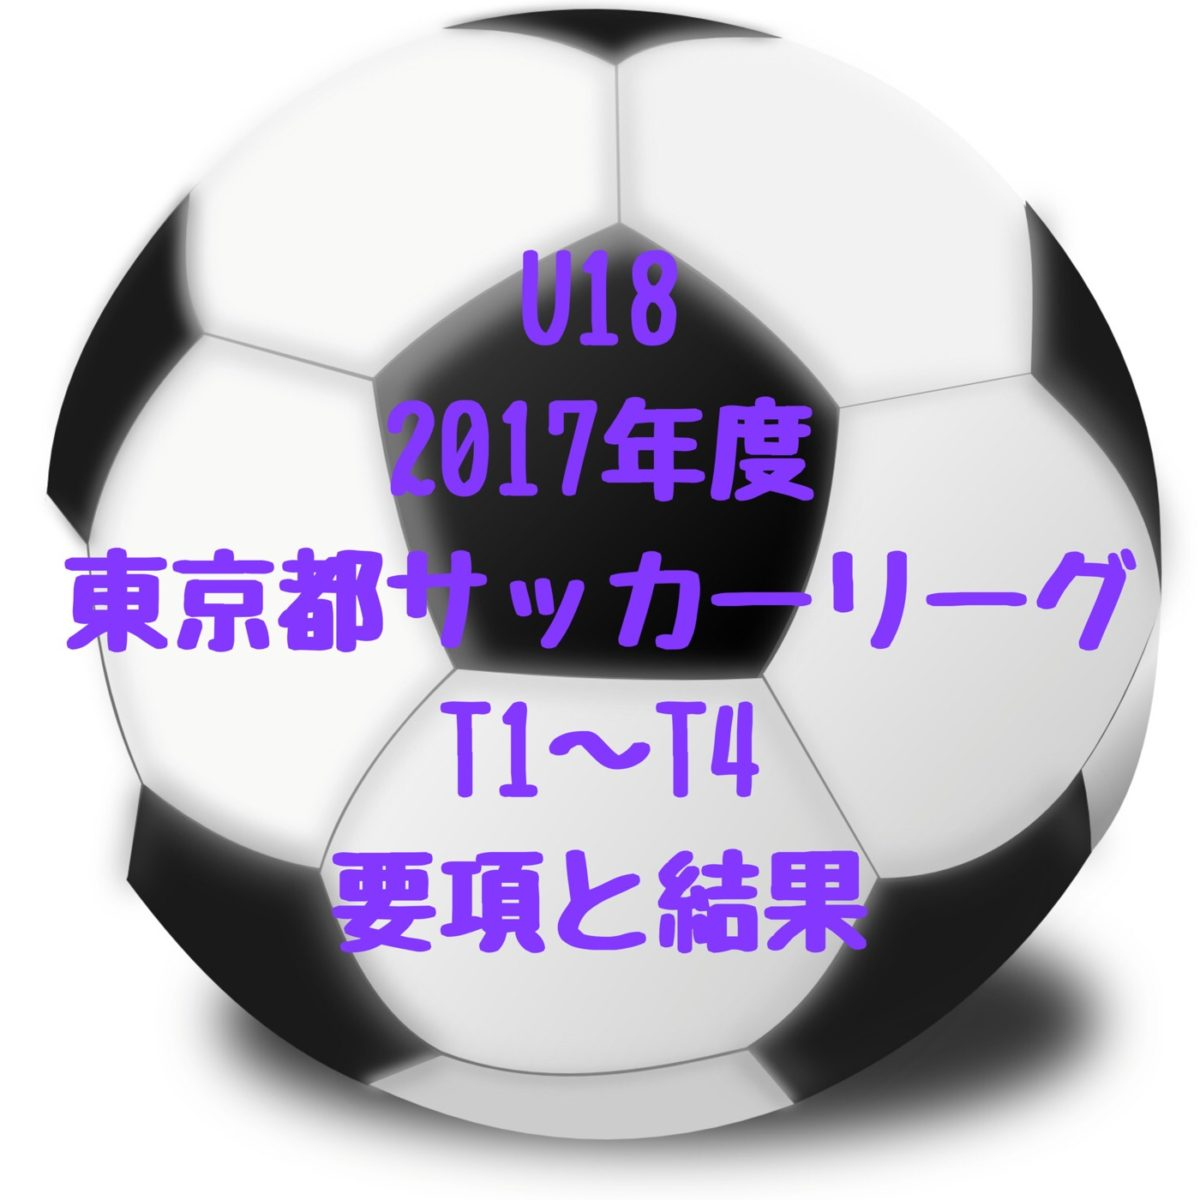 2017Tリーグ